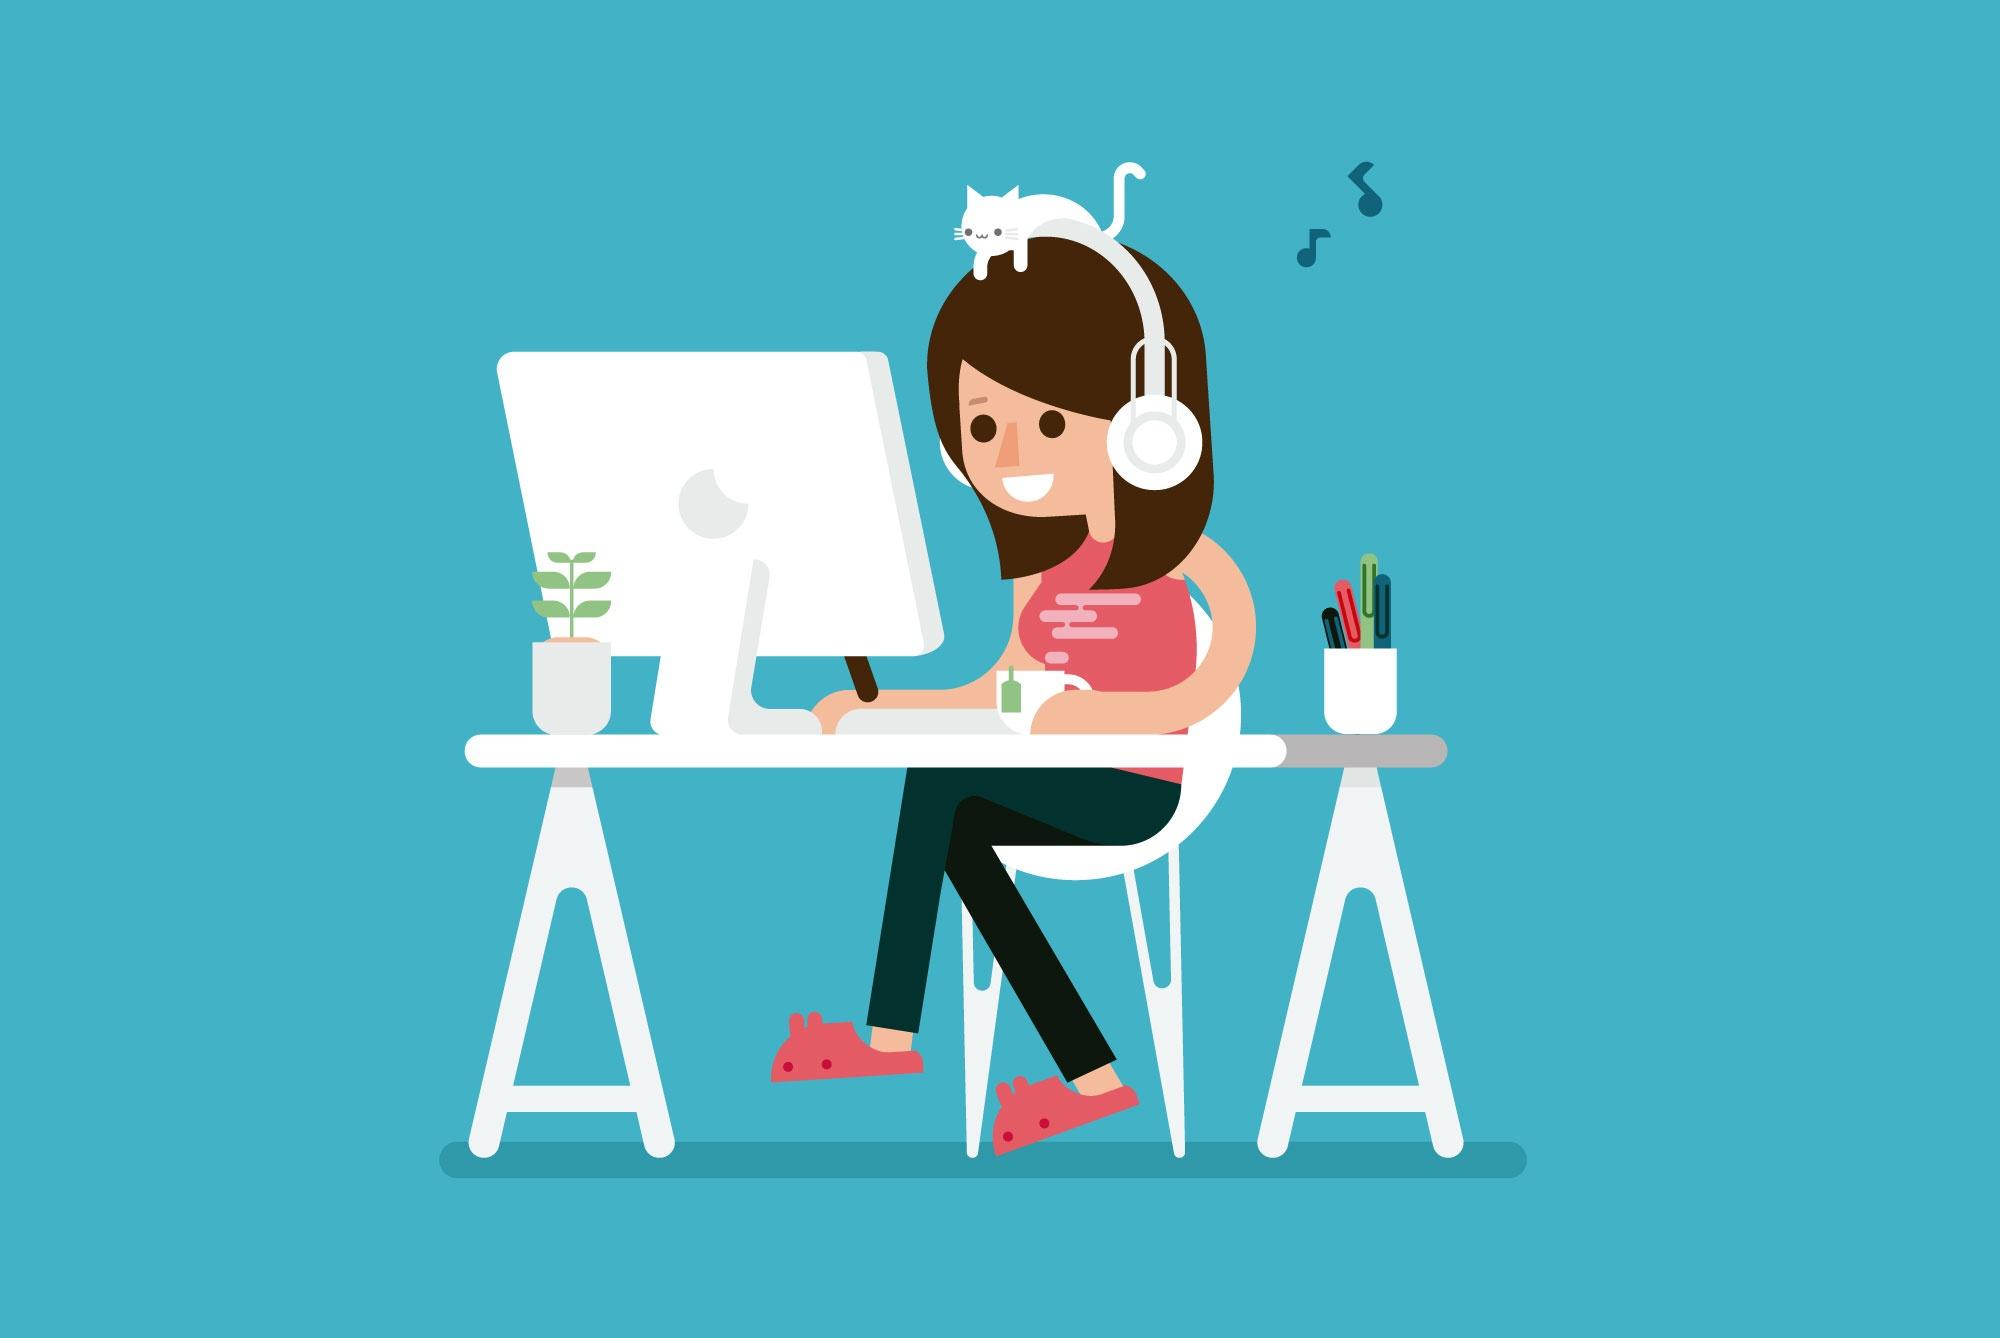 girl-desktop-cat-illustration